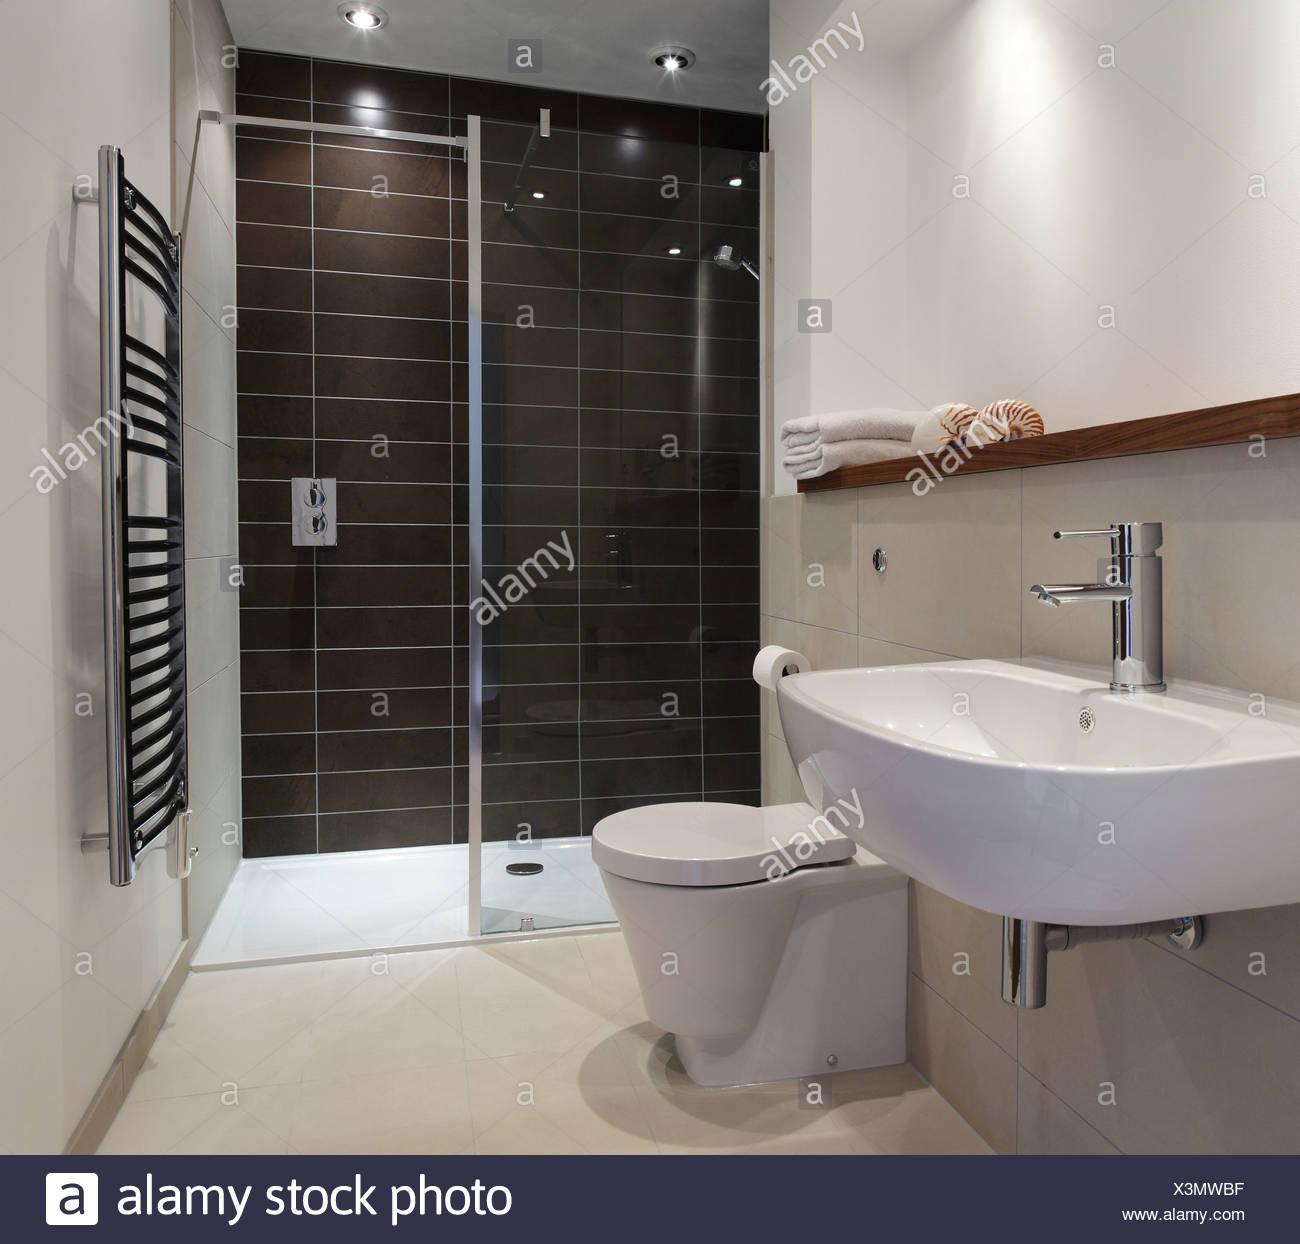 Stylish bathroom - Stock Image